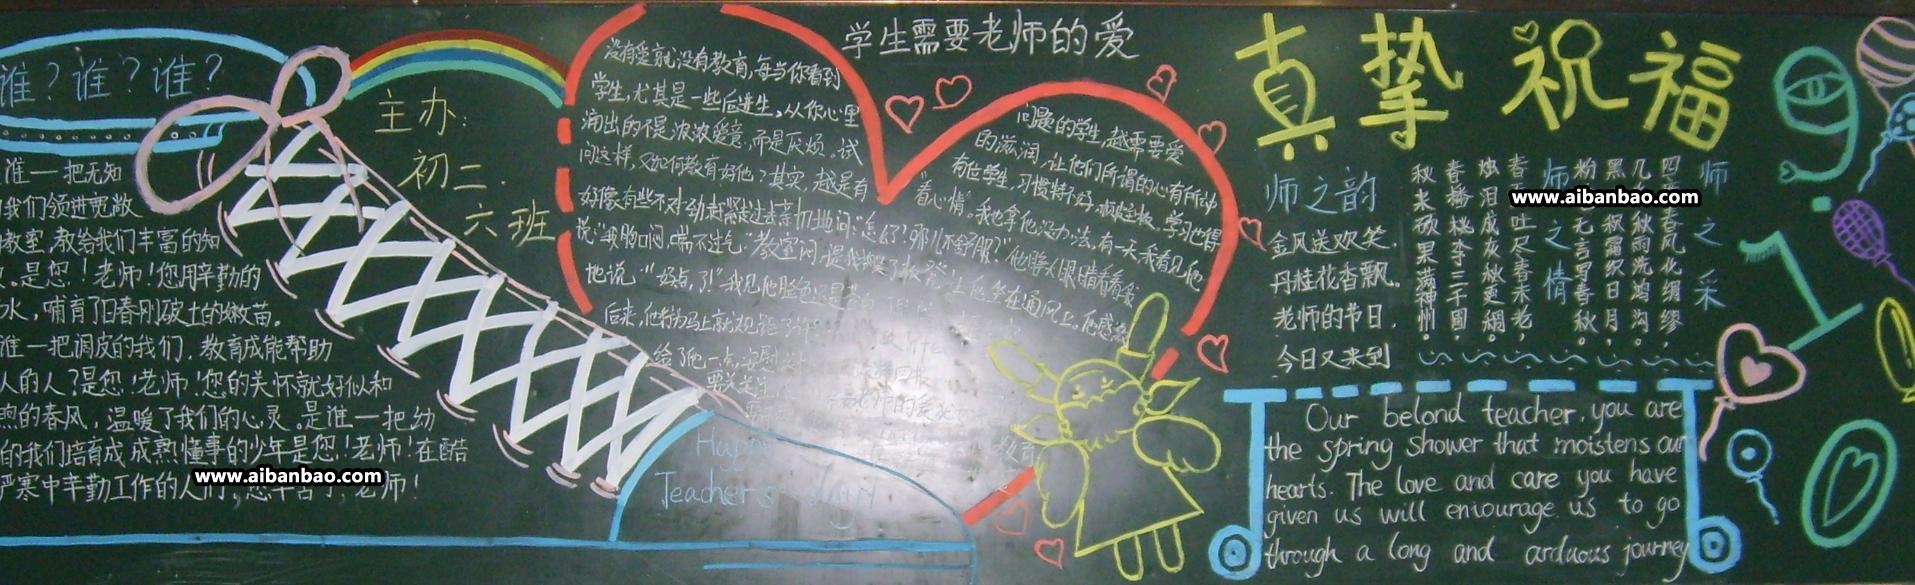 高中生庆元旦黑板报图_关于中秋的板报设计